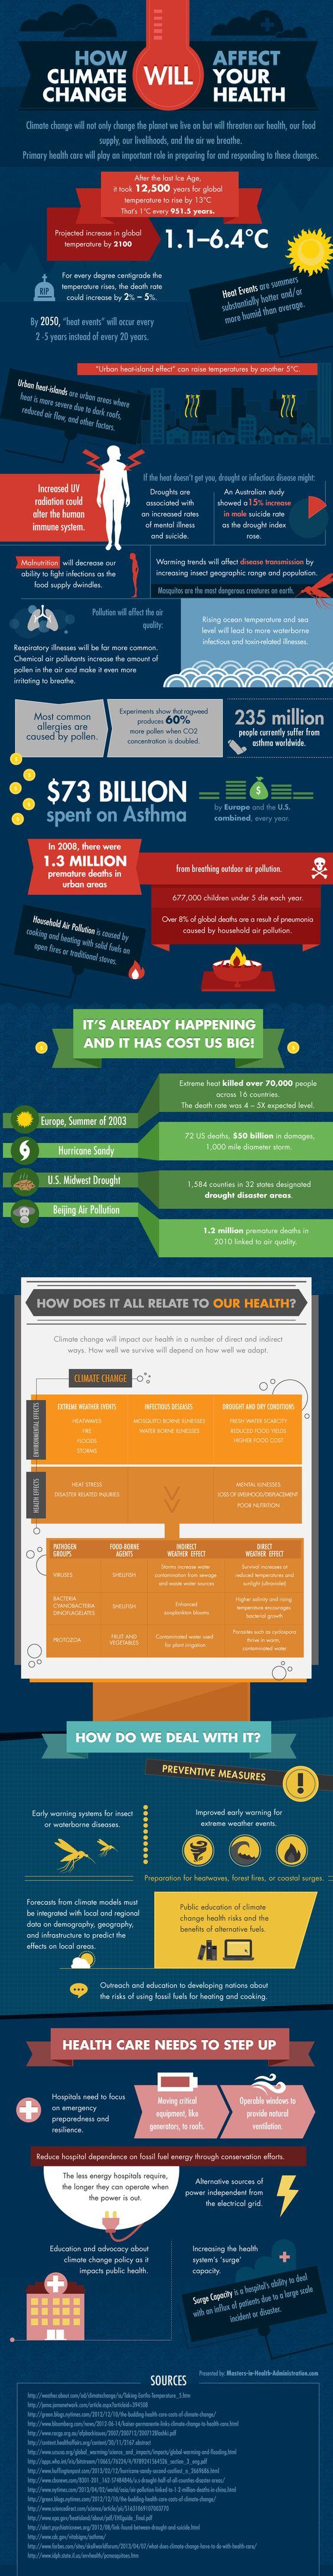 The climate change will affect your health... / Le changement climatique affectera votre santé...